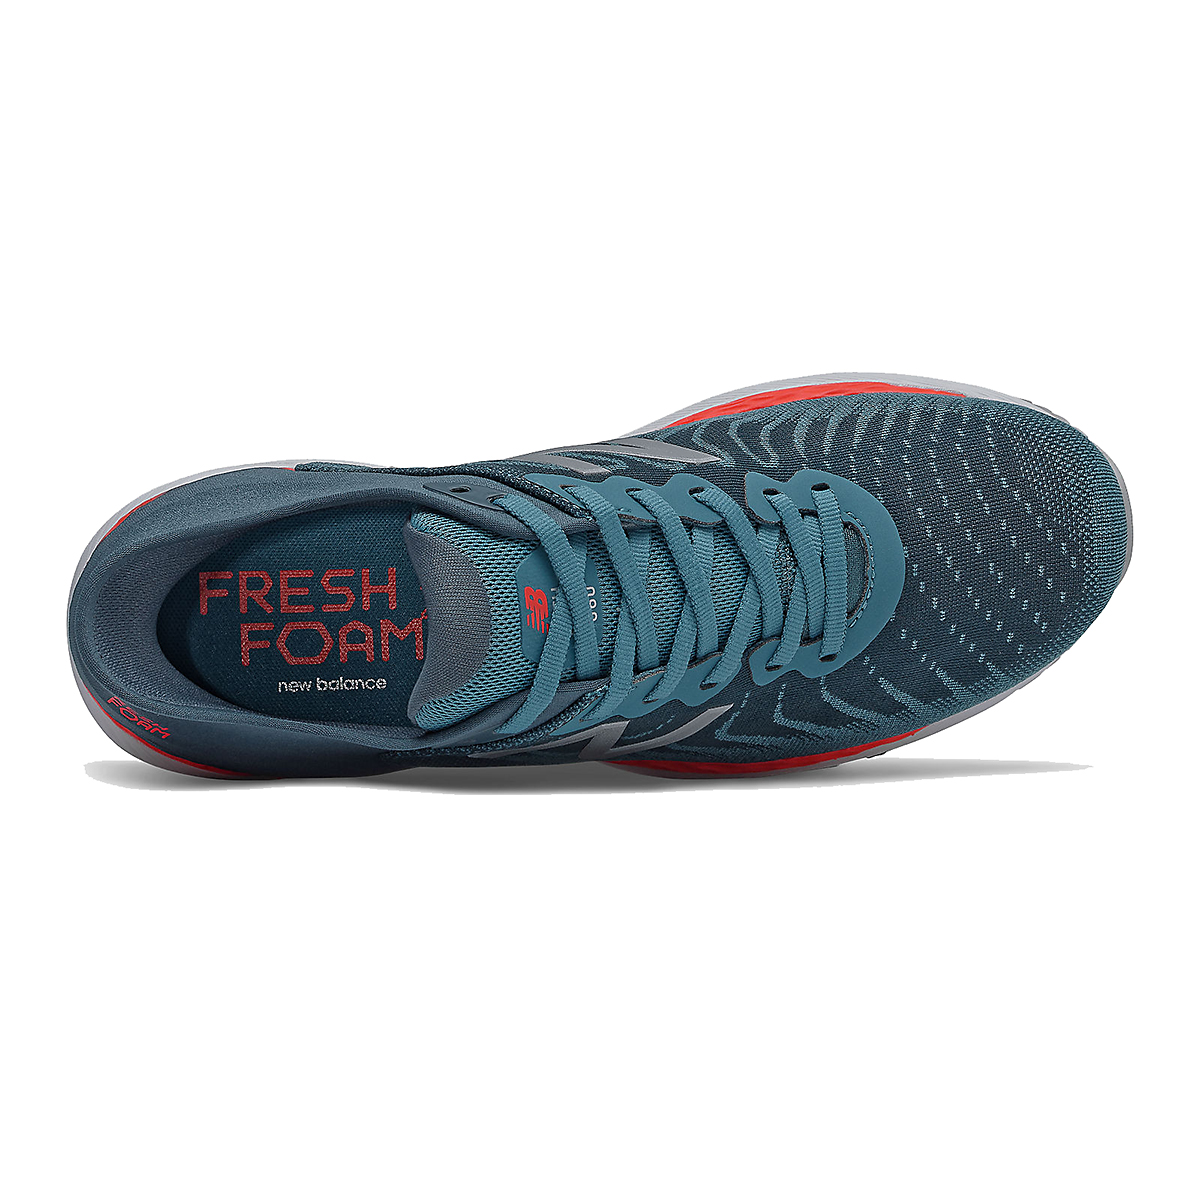 Men's New Balance 860v11 Running Shoe  - Color: Jet Stream - Size: 6 - Width: Wide, Jet Stream, large, image 4